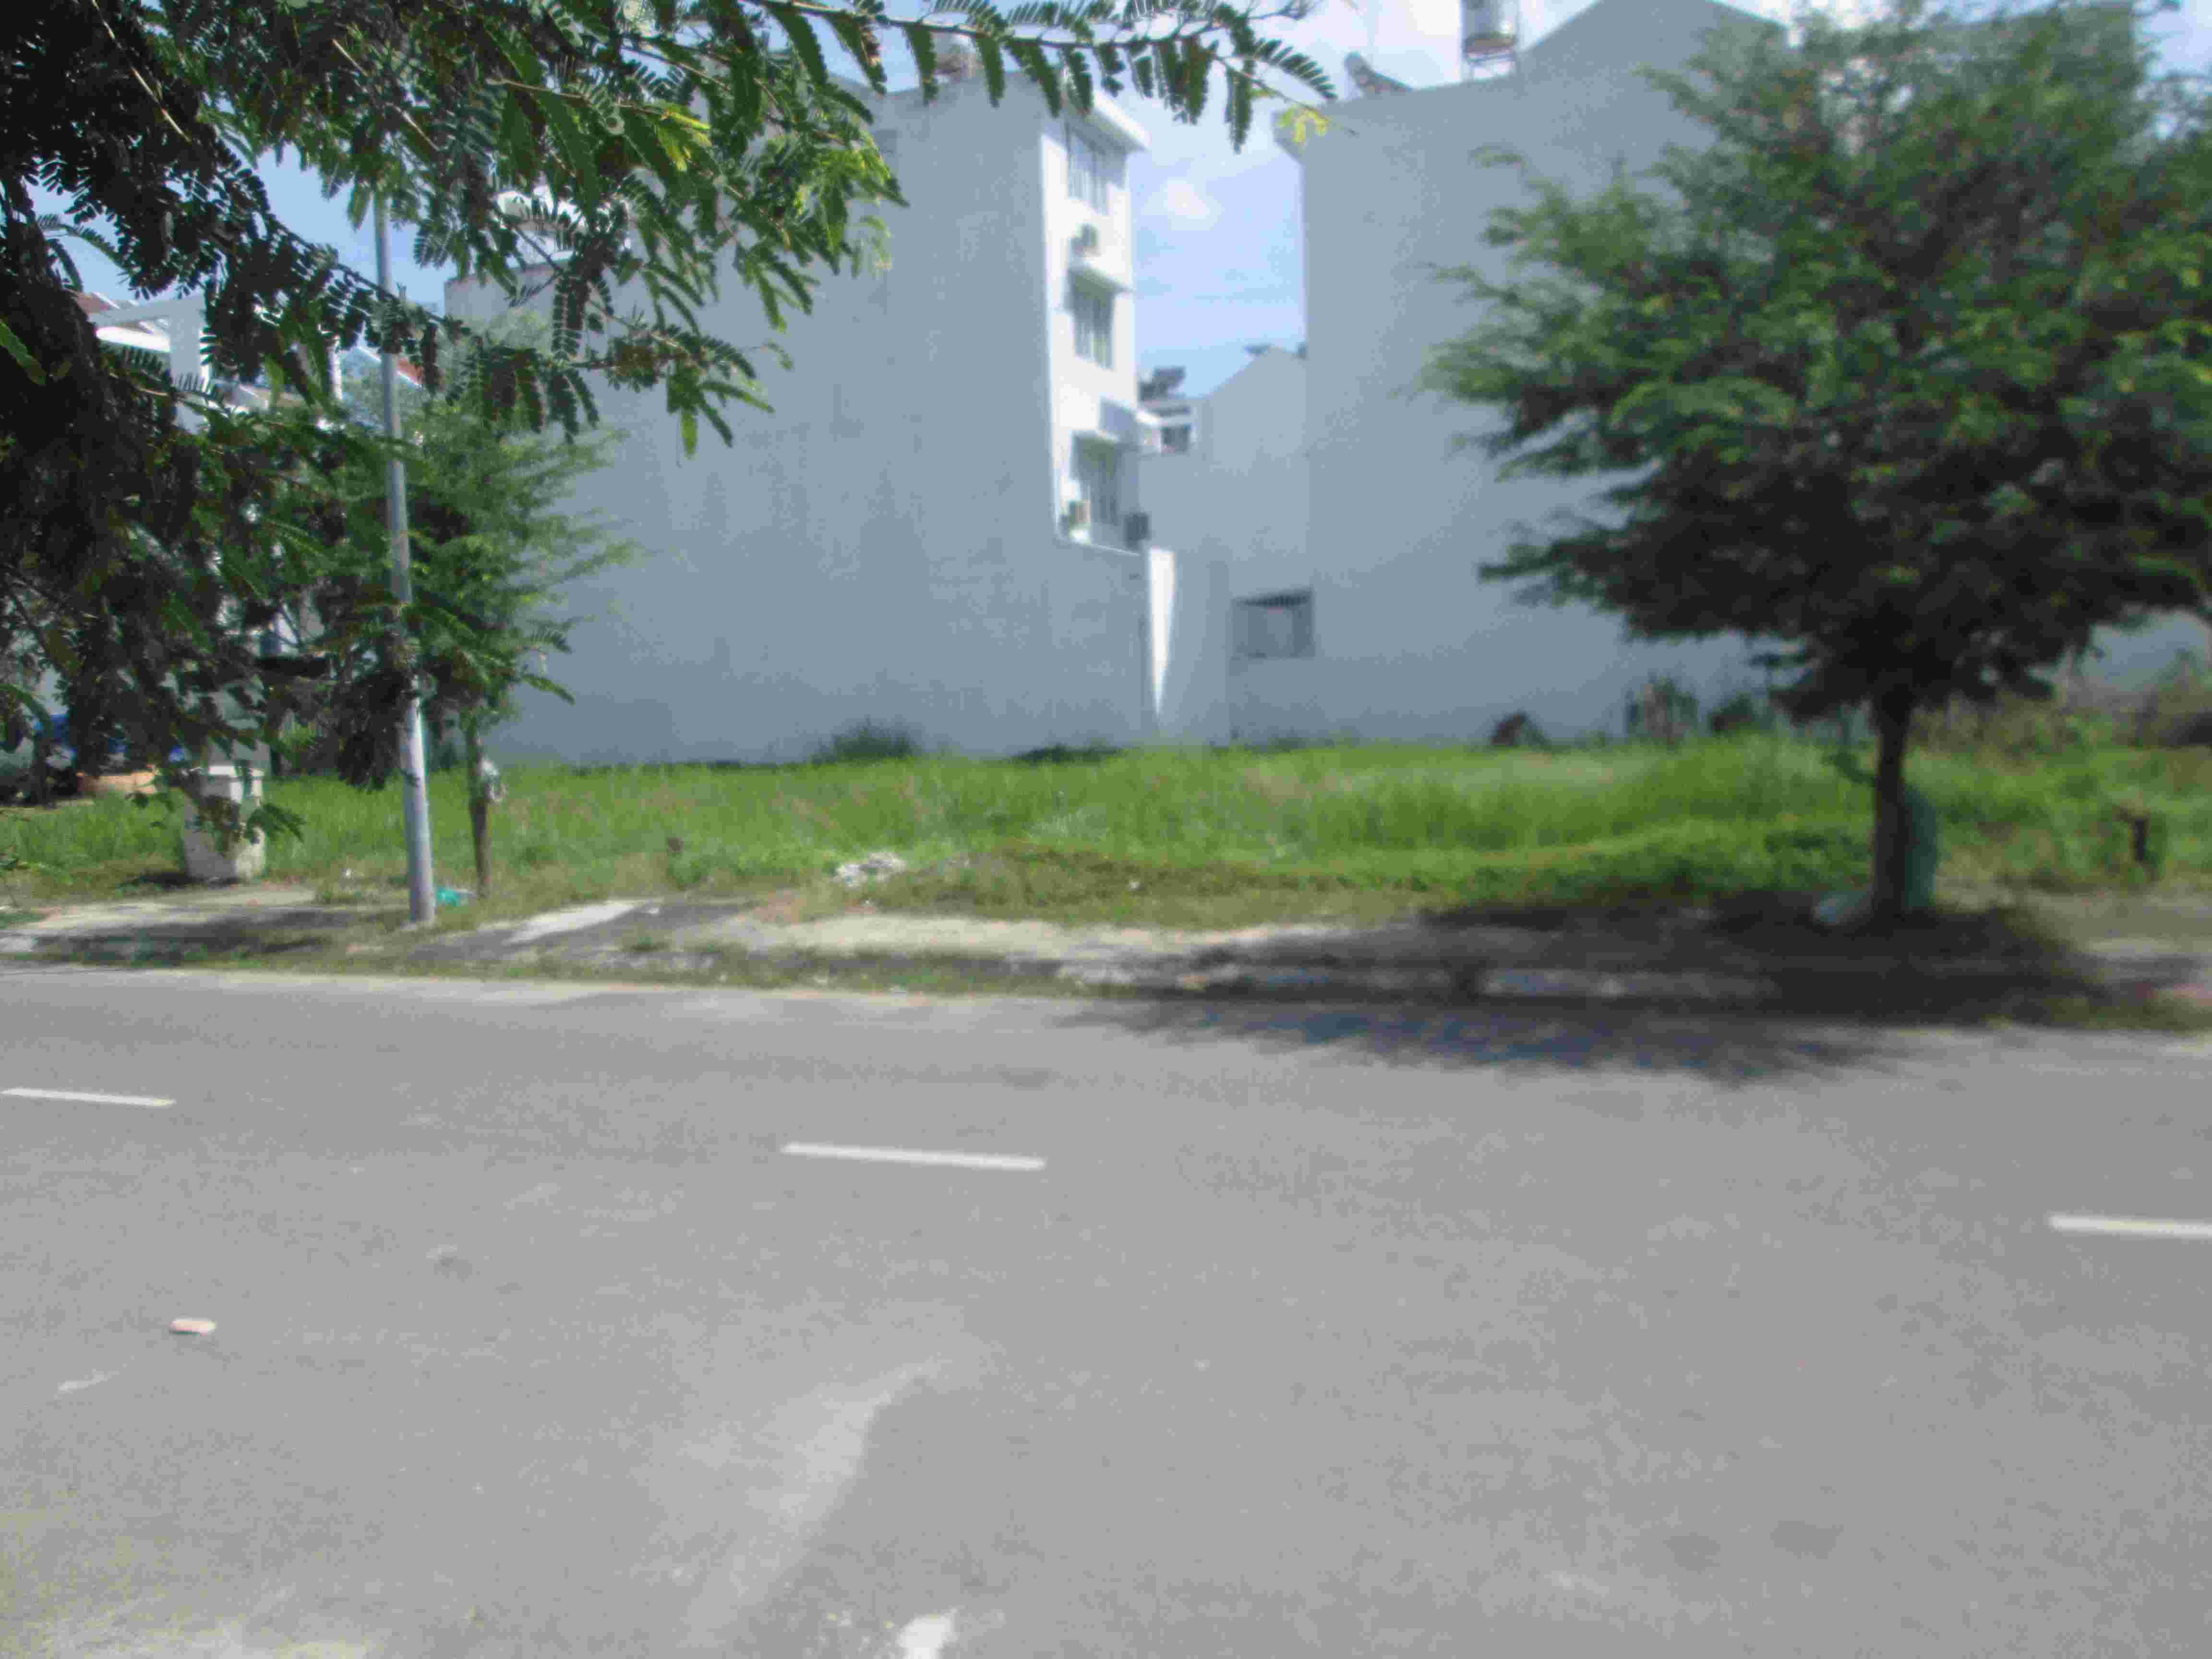 Cần bán gấp đất nền nhà phố  Sadeco Phước Kiển A, 95m2, lô W27, sổ đỏ 2015, giá 6 tỷ. LH: 0913.050.053